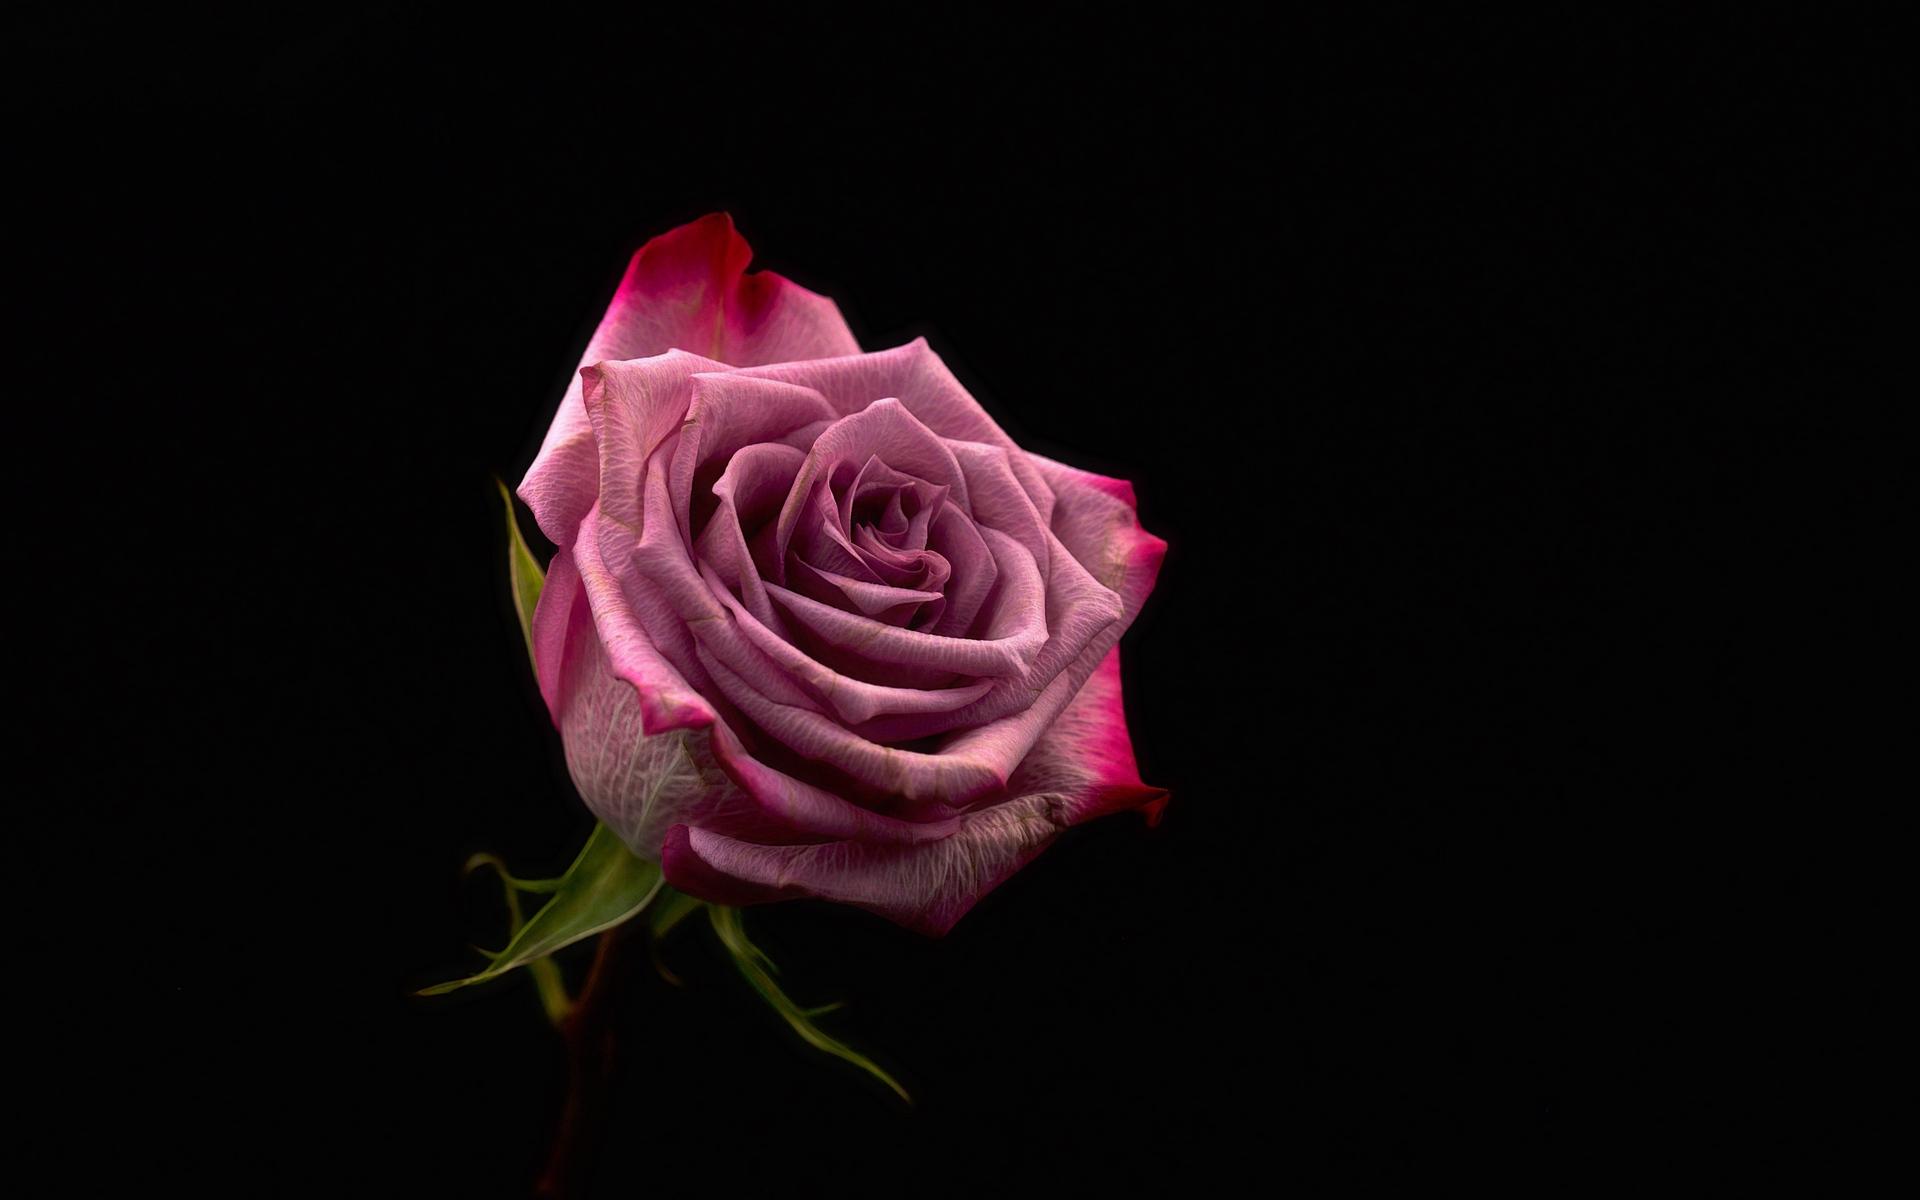 十二生肖中,四大生肖,本周红鸾星动,桃花运大顺,真爱就在身边